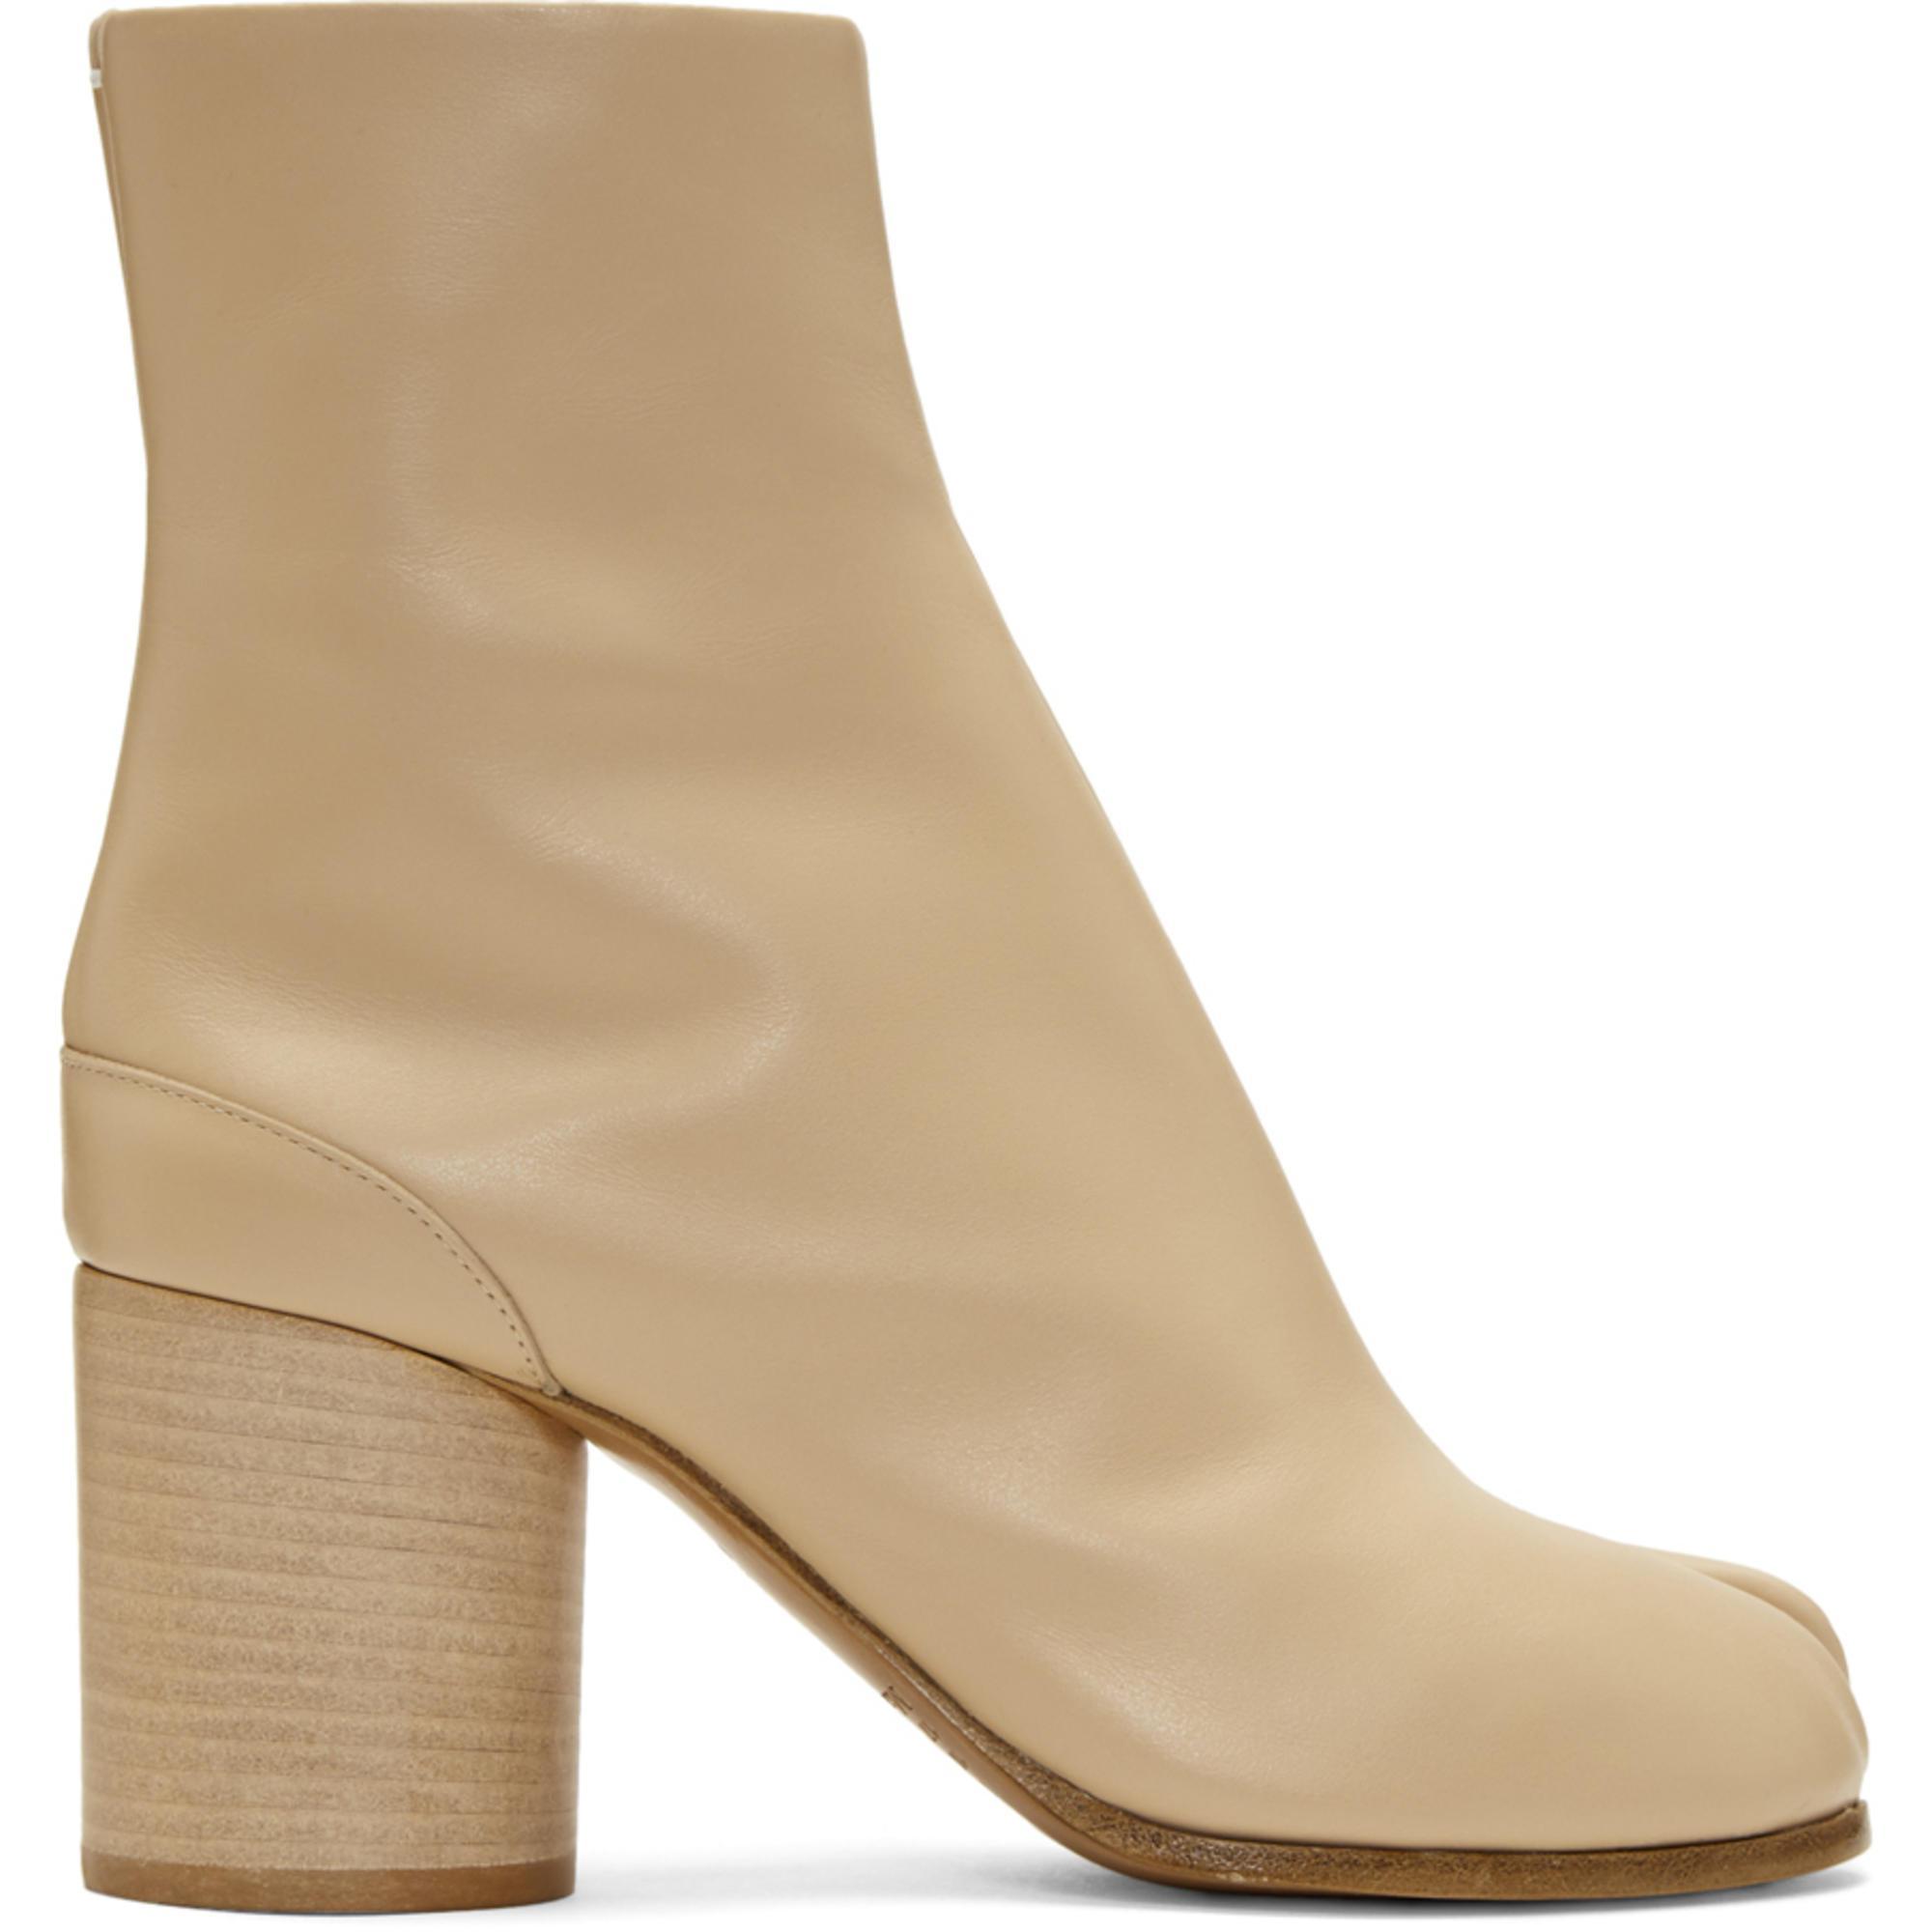 Saint Laurent Beige Leather Tabi Boots 2lR04M